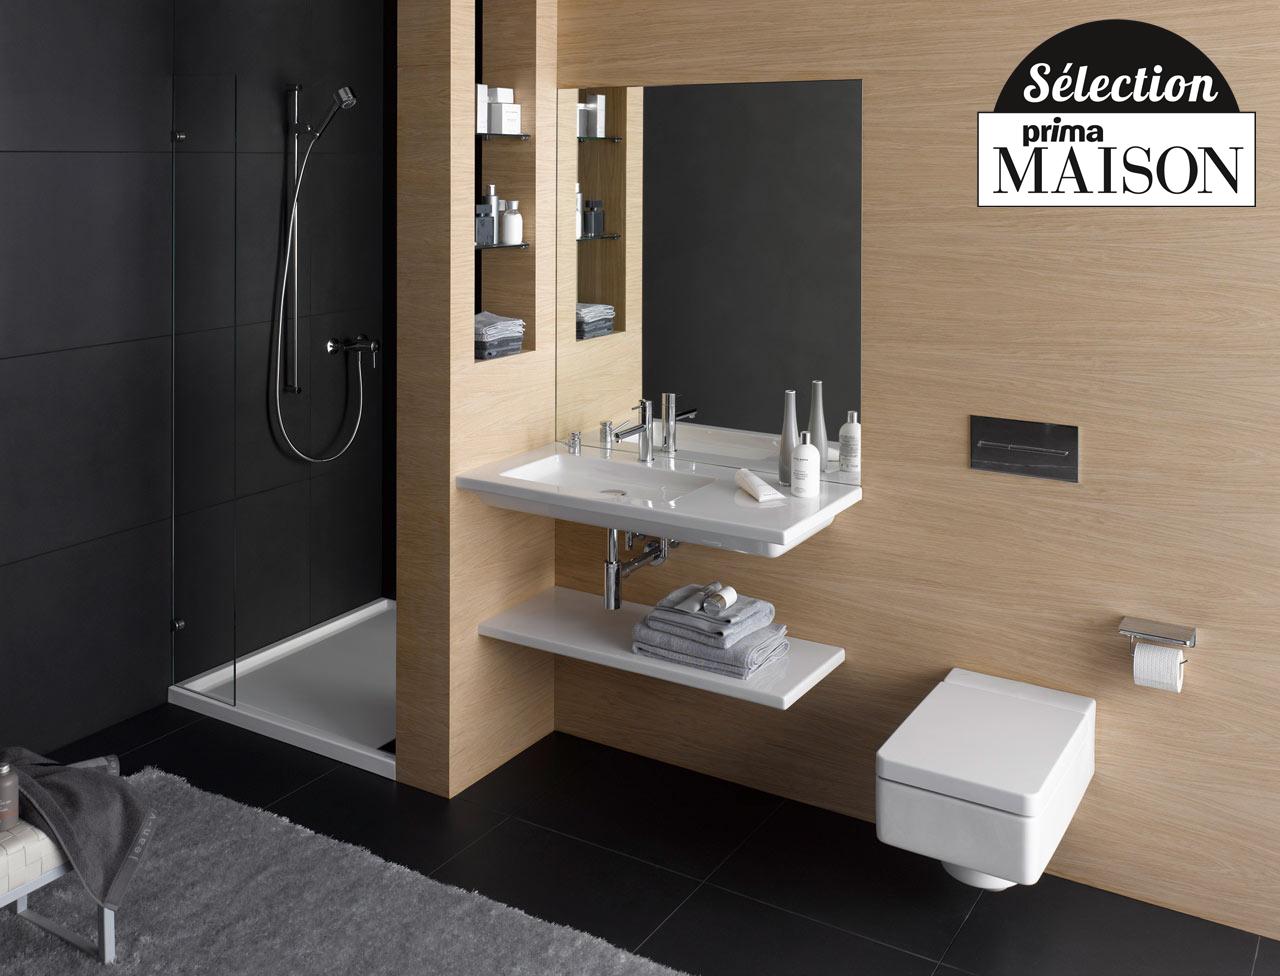 Meuble salle de bain castorama - Double vasque castorama ...